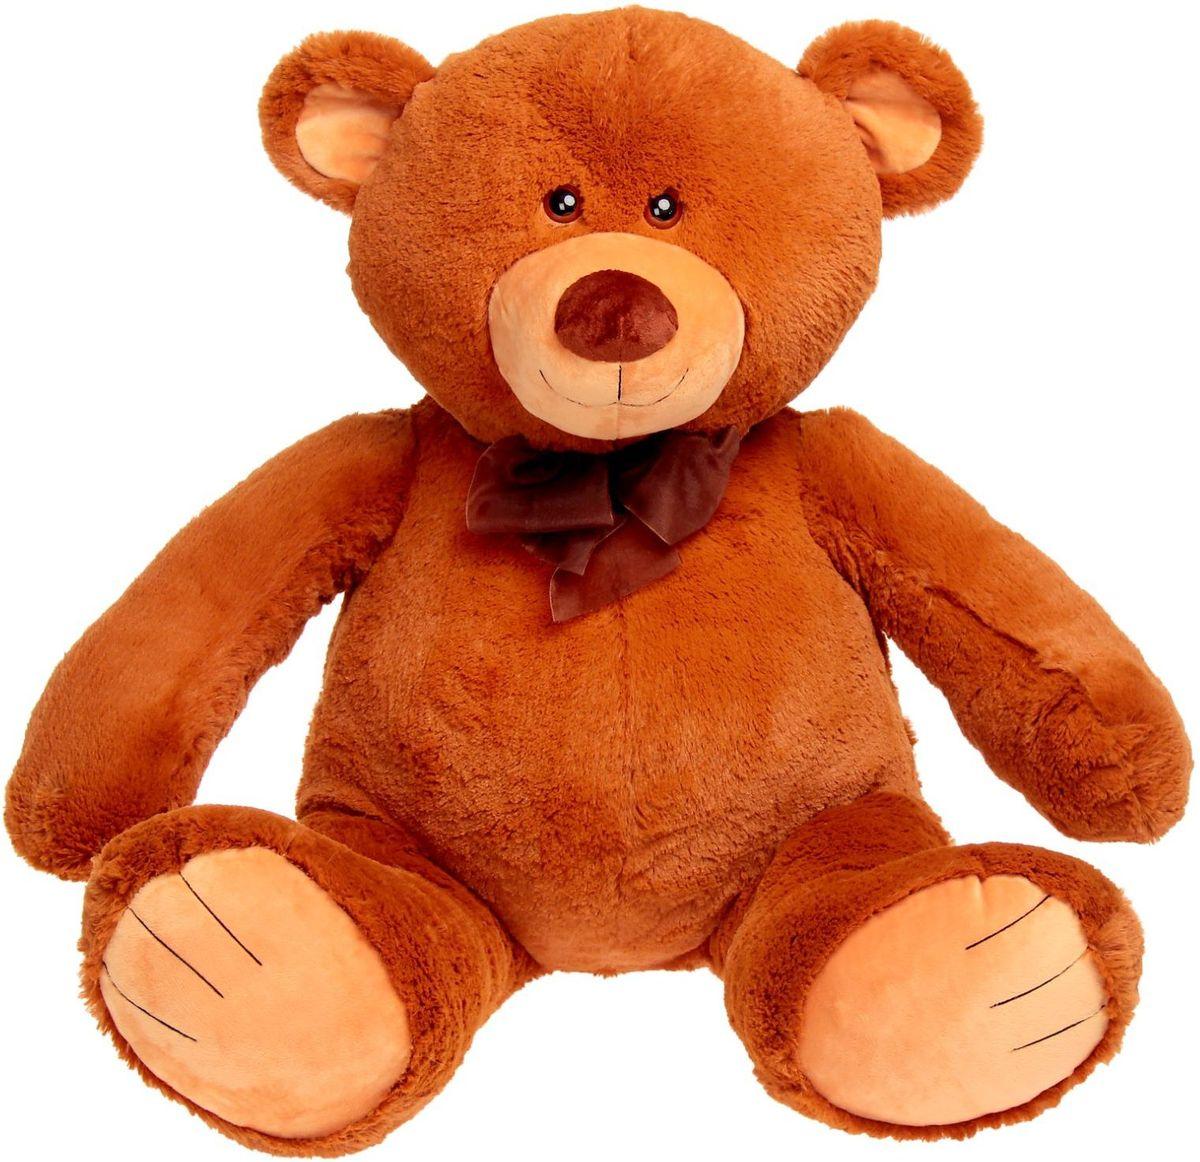 Купить Princess Love Мягкая игрушка Мишка Труди цвет коричневый 80 см 2057699, Сима-ленд, Мягкие игрушки